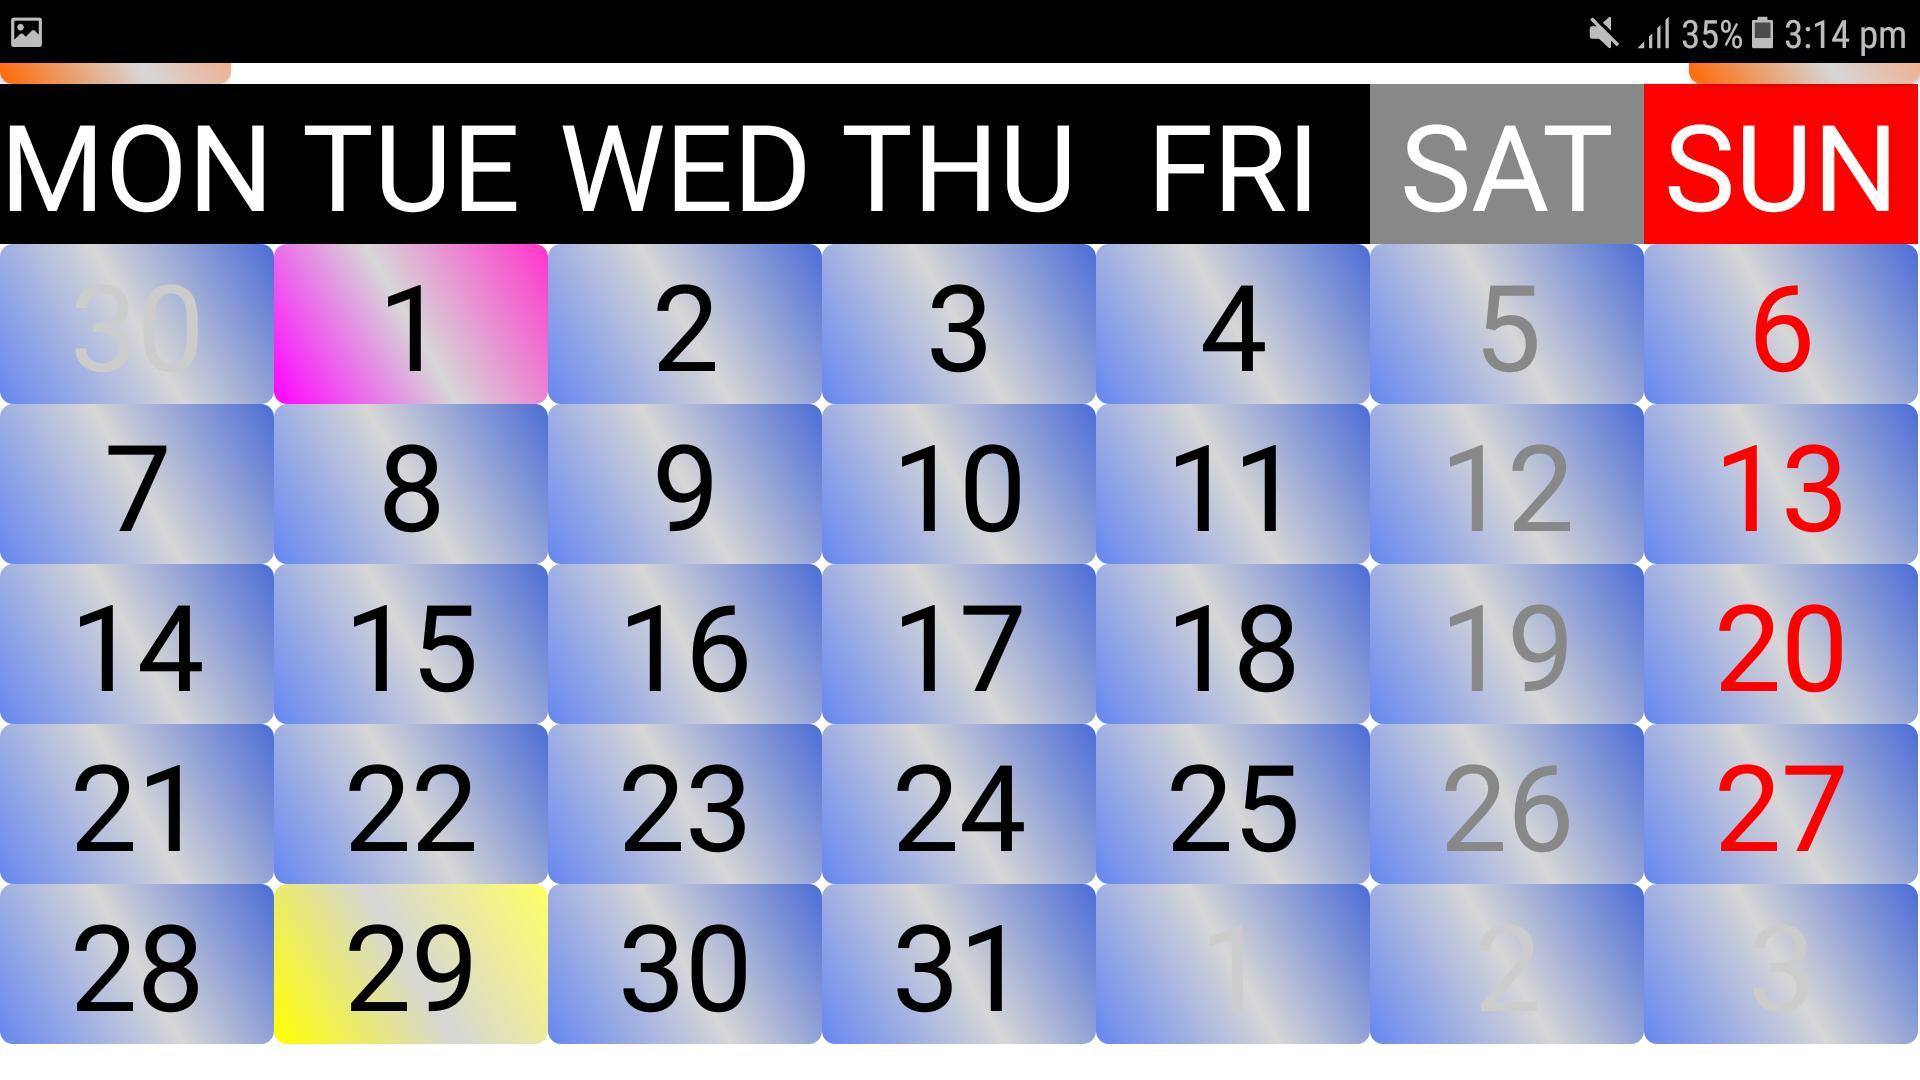 2020 Sinhala Calendar Для Андроид - Скачать Apk for 2020 Sri Lanka Calendar